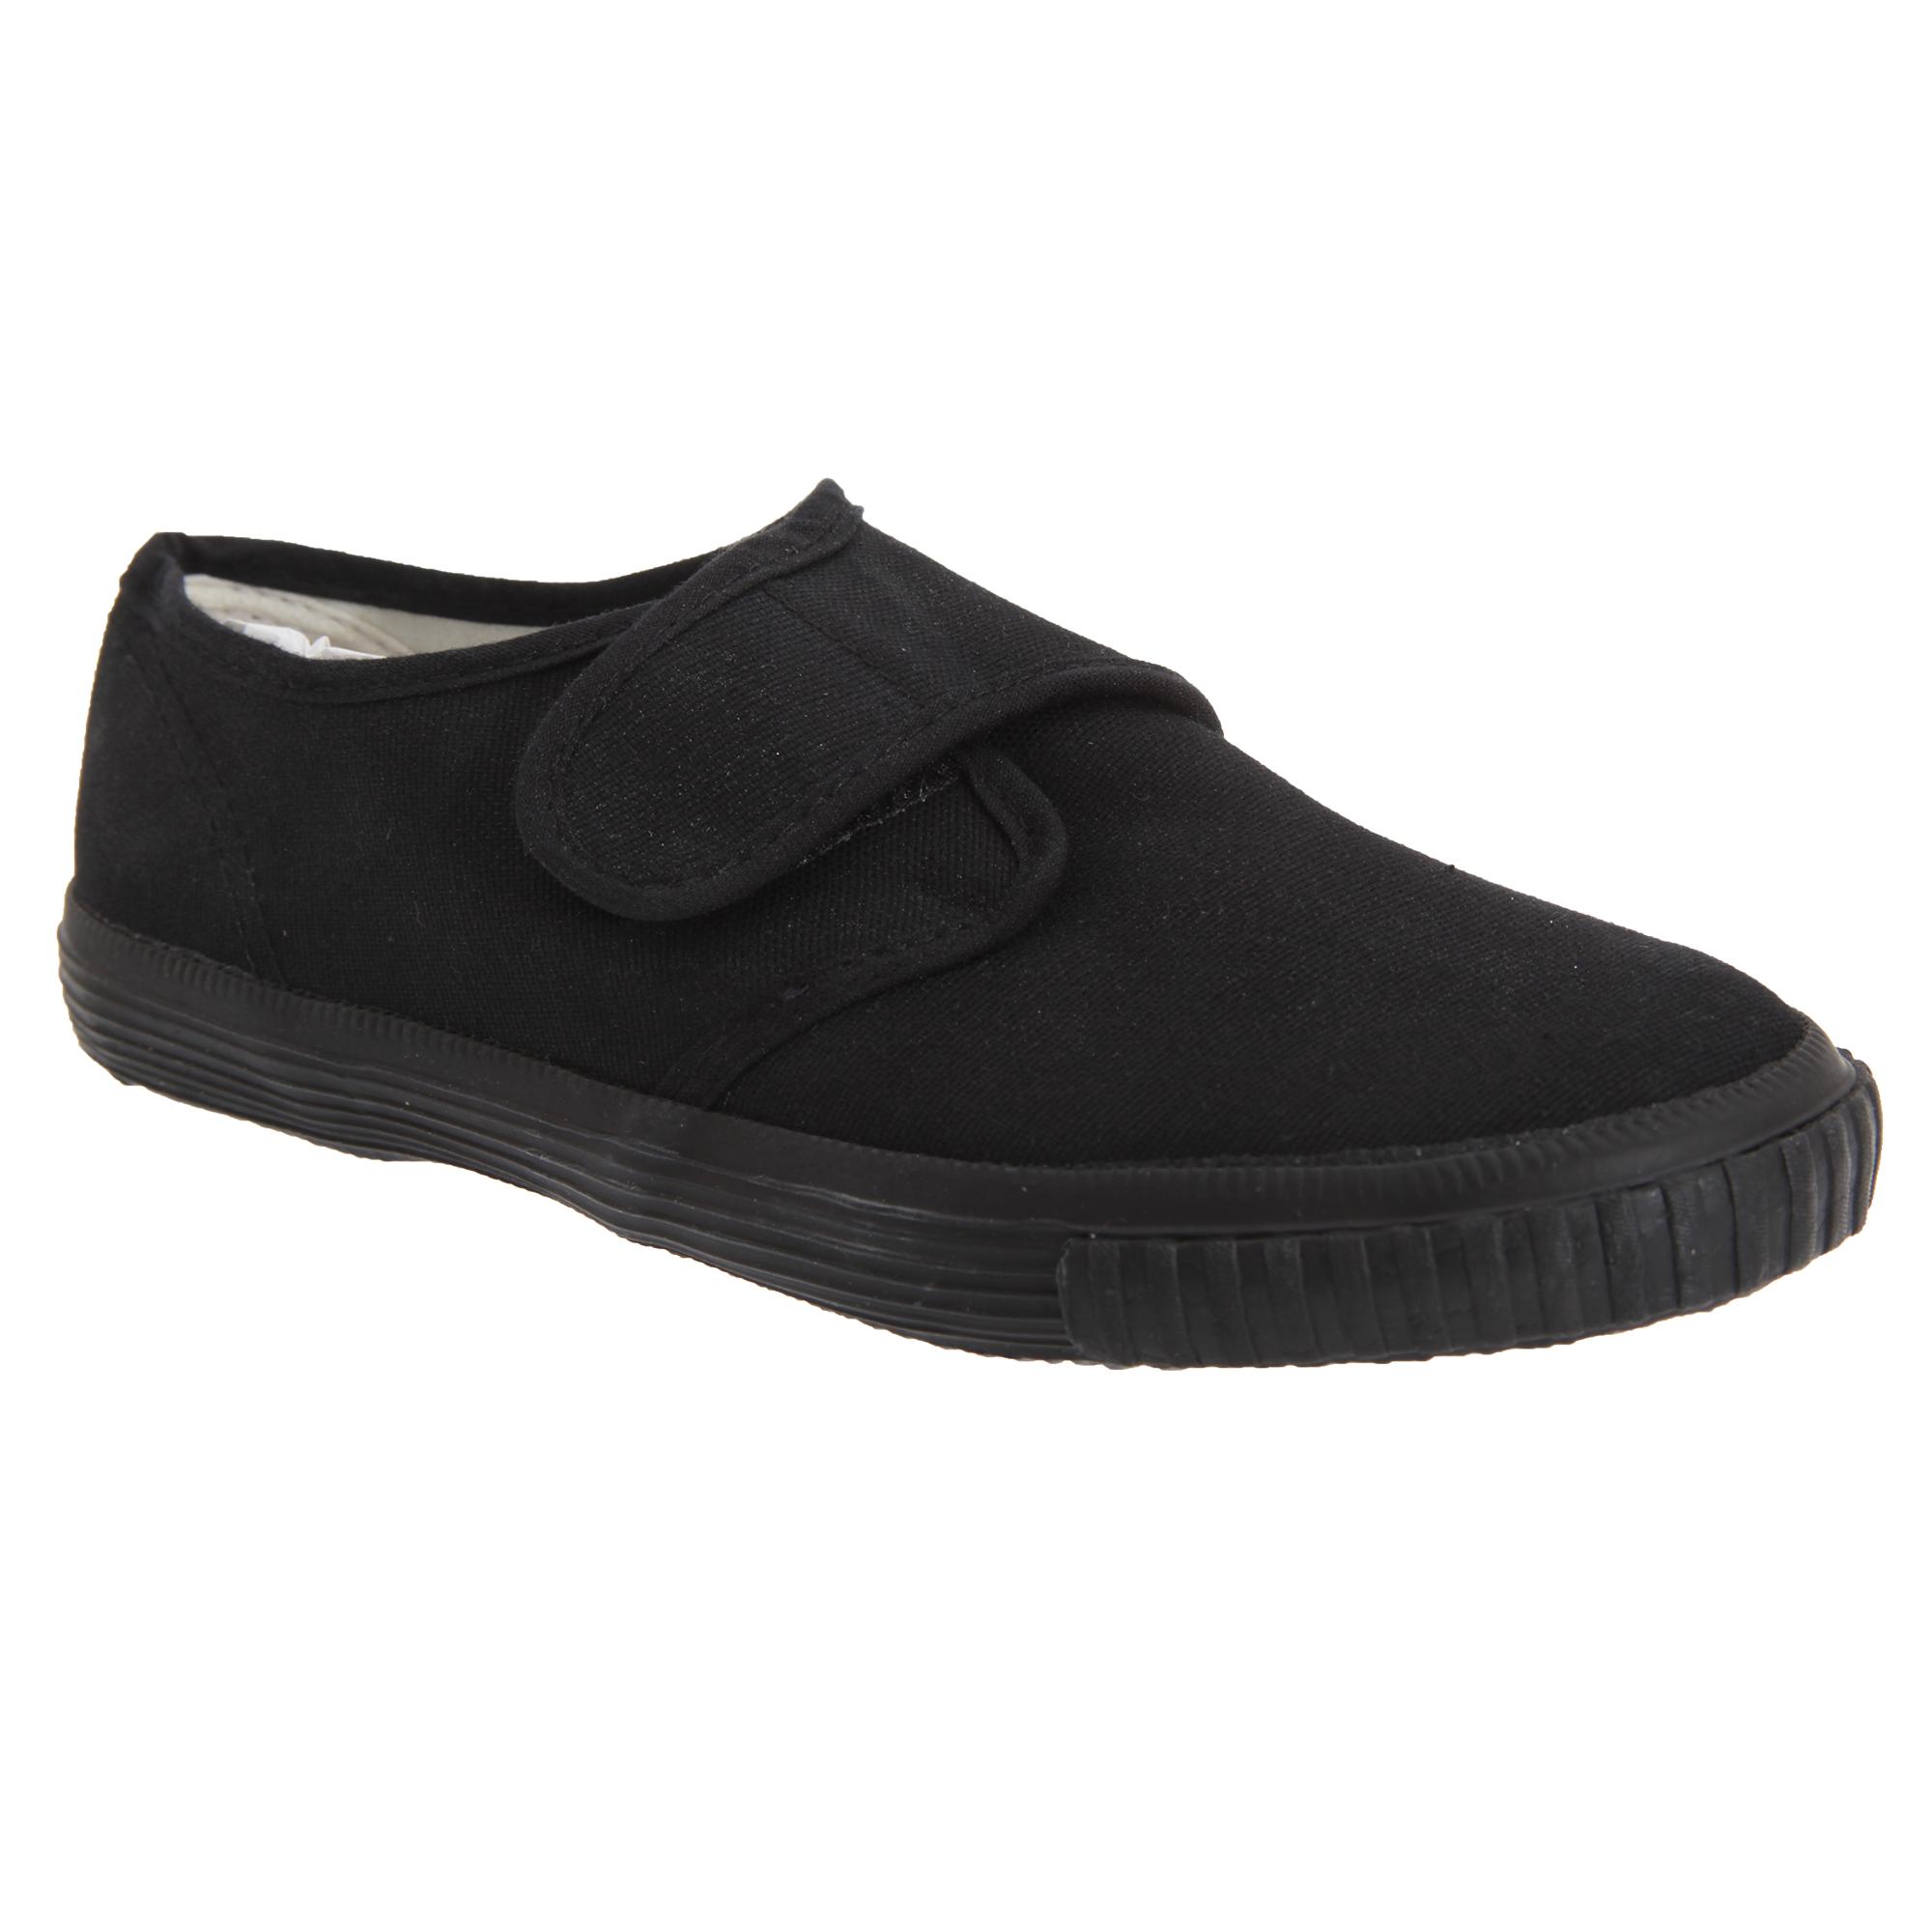 Dek Niños Unisex Junior Cierre Táctil Negro Lona Zapatillas De Tenis